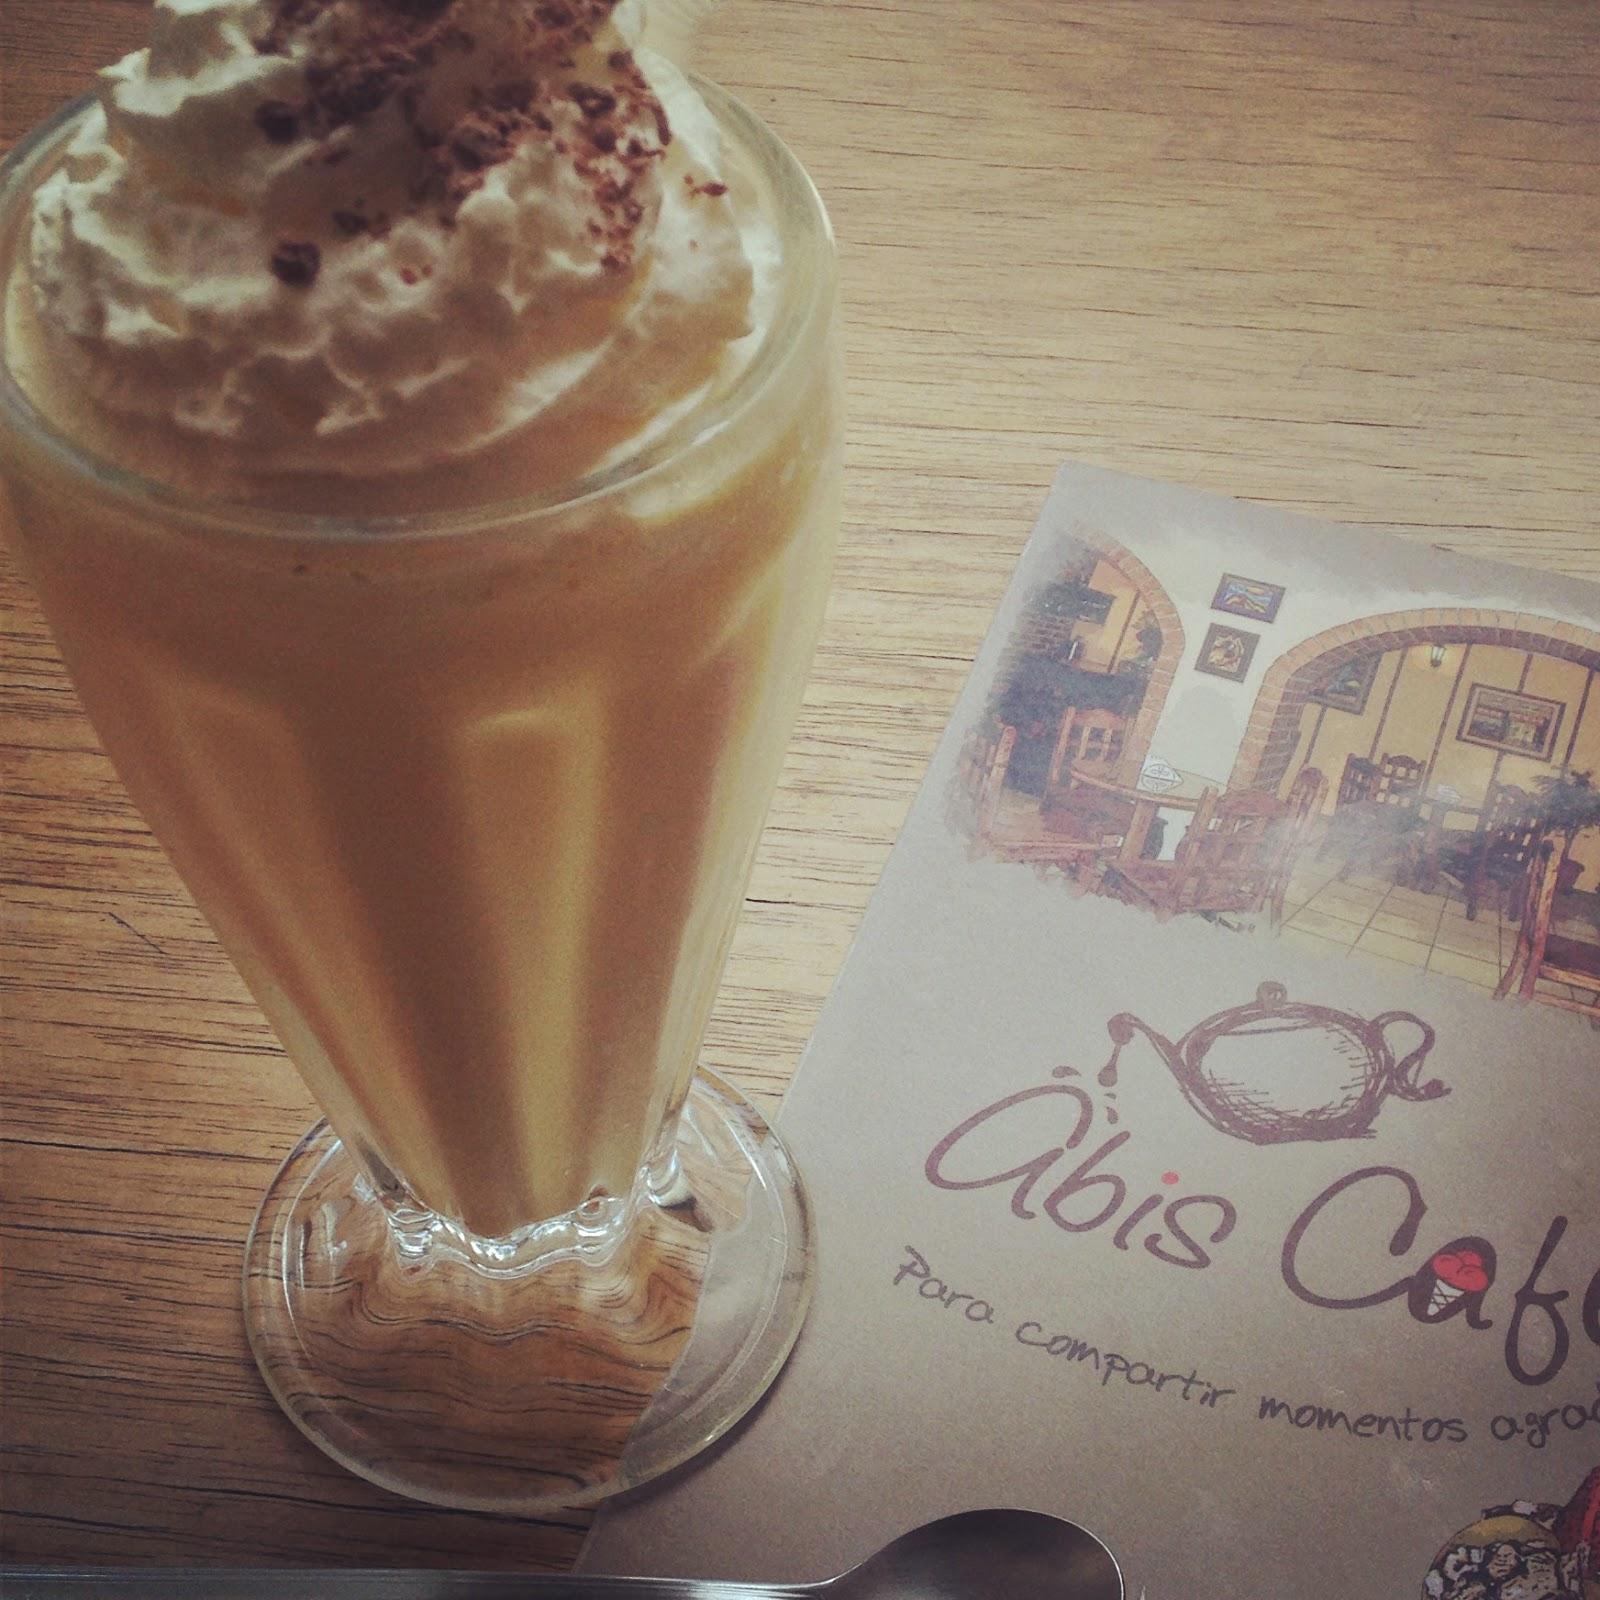 abis cafe sucre bolivia